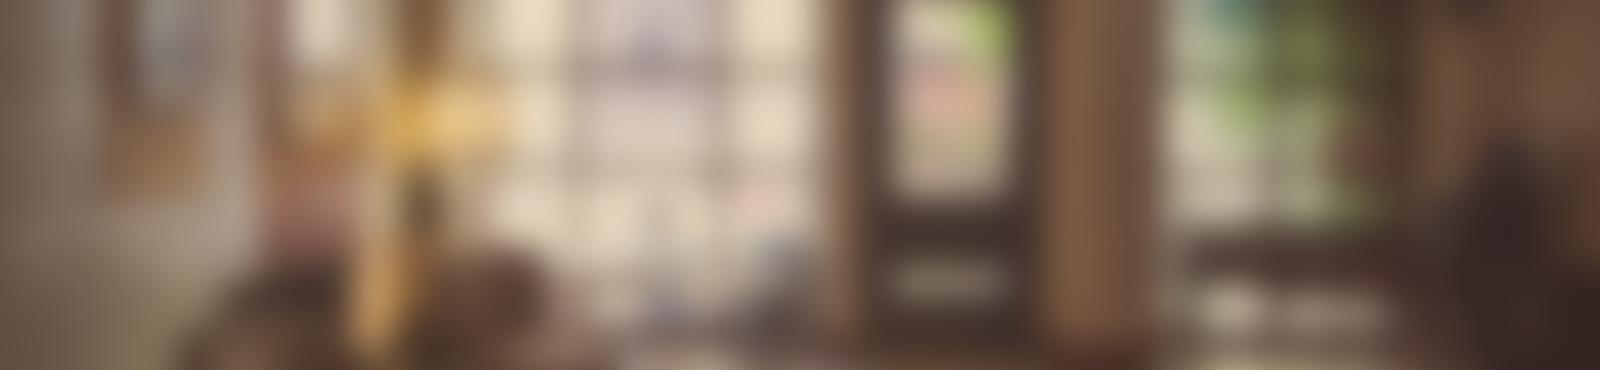 Blurred kpn 2013 0004